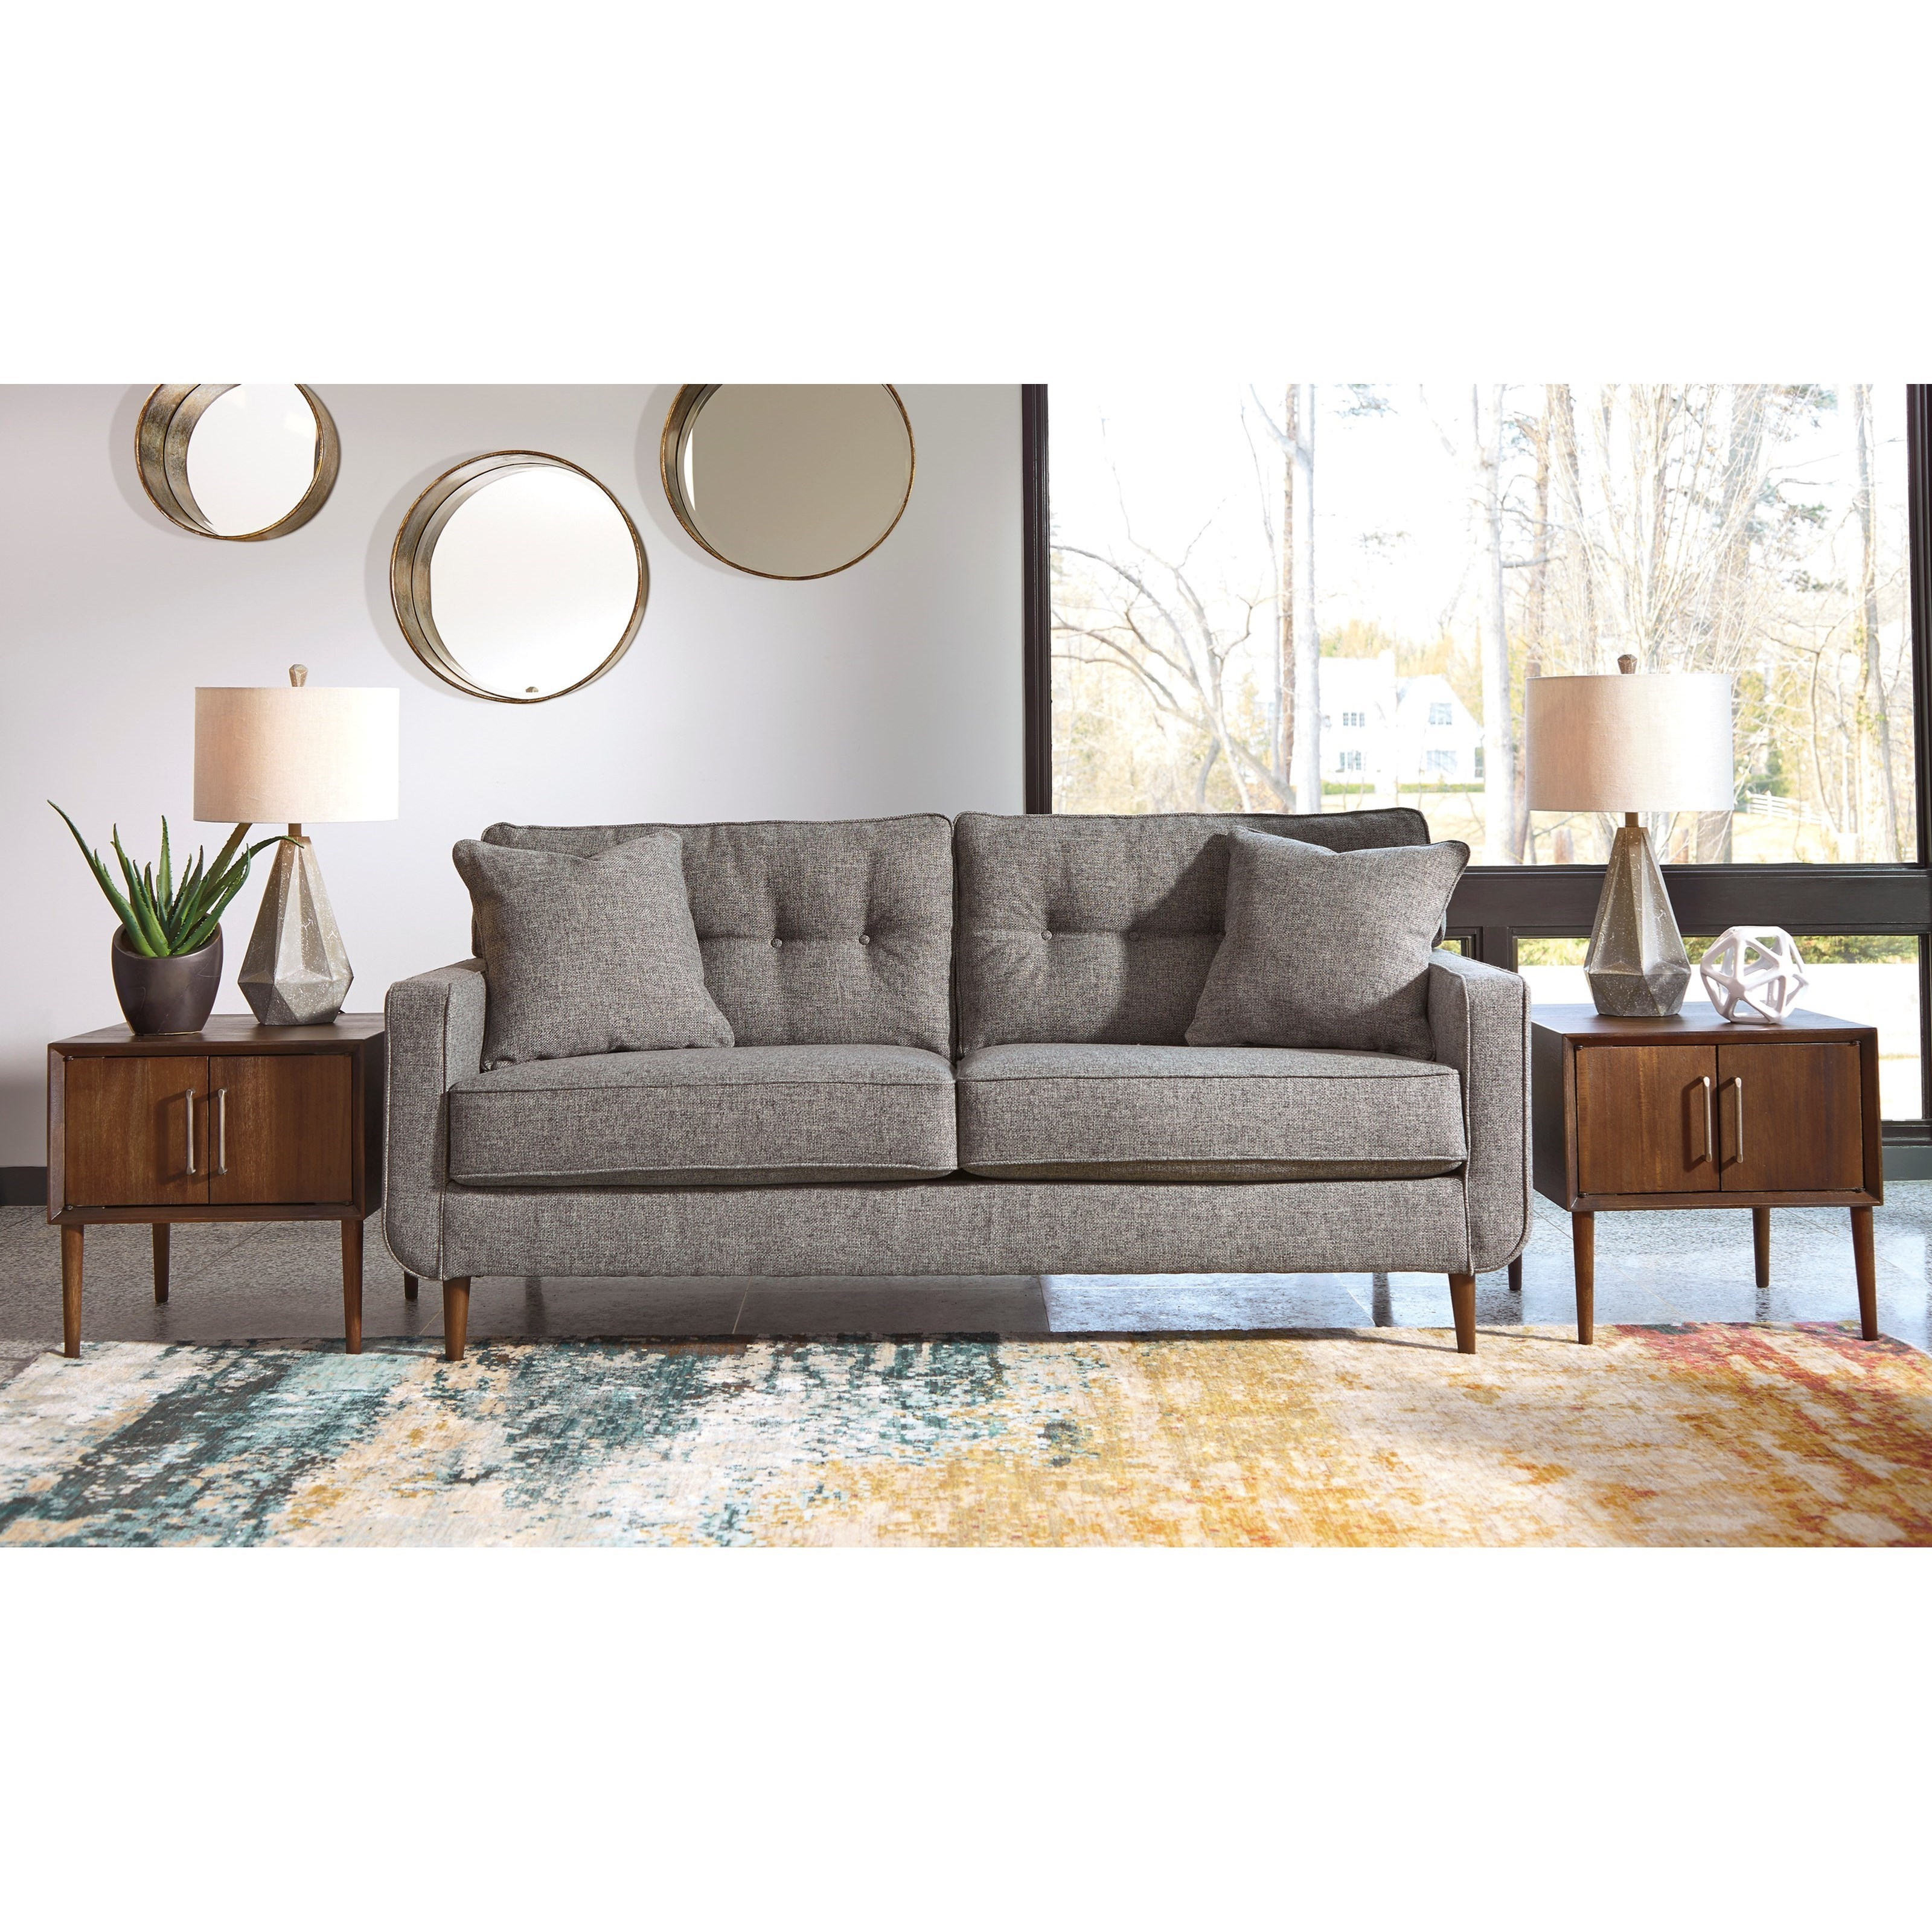 Ashley furniture albertville mn home design ideas and for Ashley home furniture albertville mn